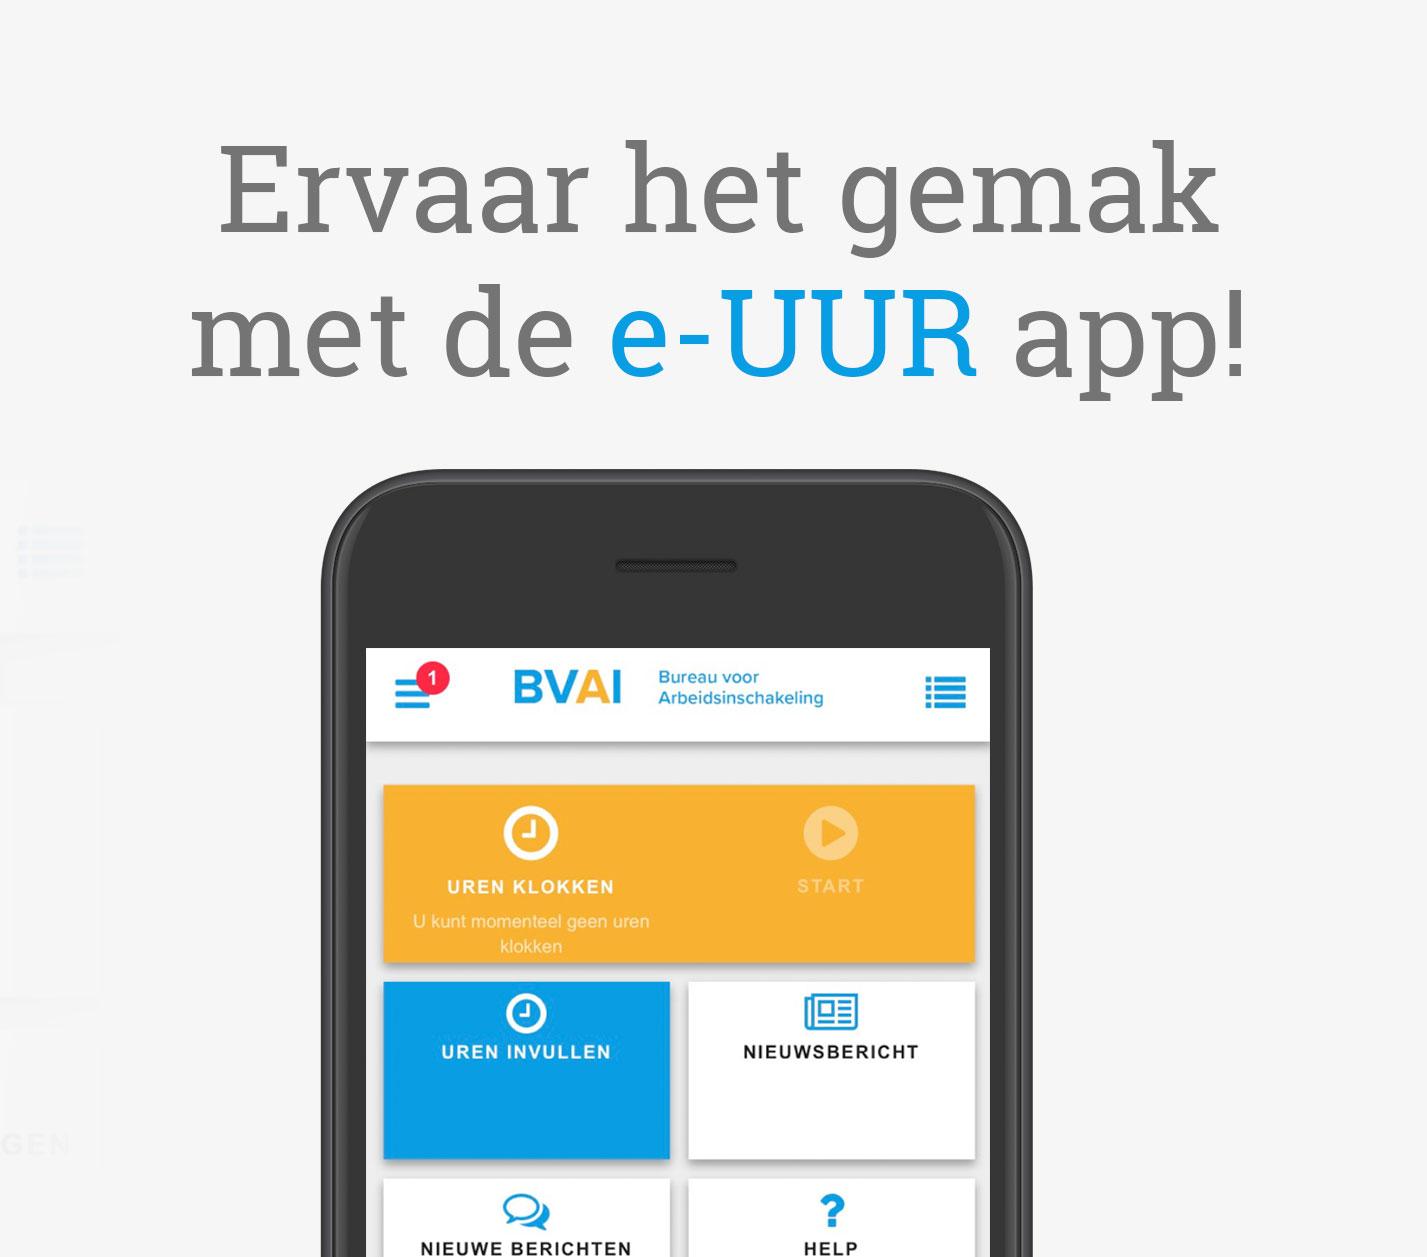 Ervaar het gemak met de e-UUR app